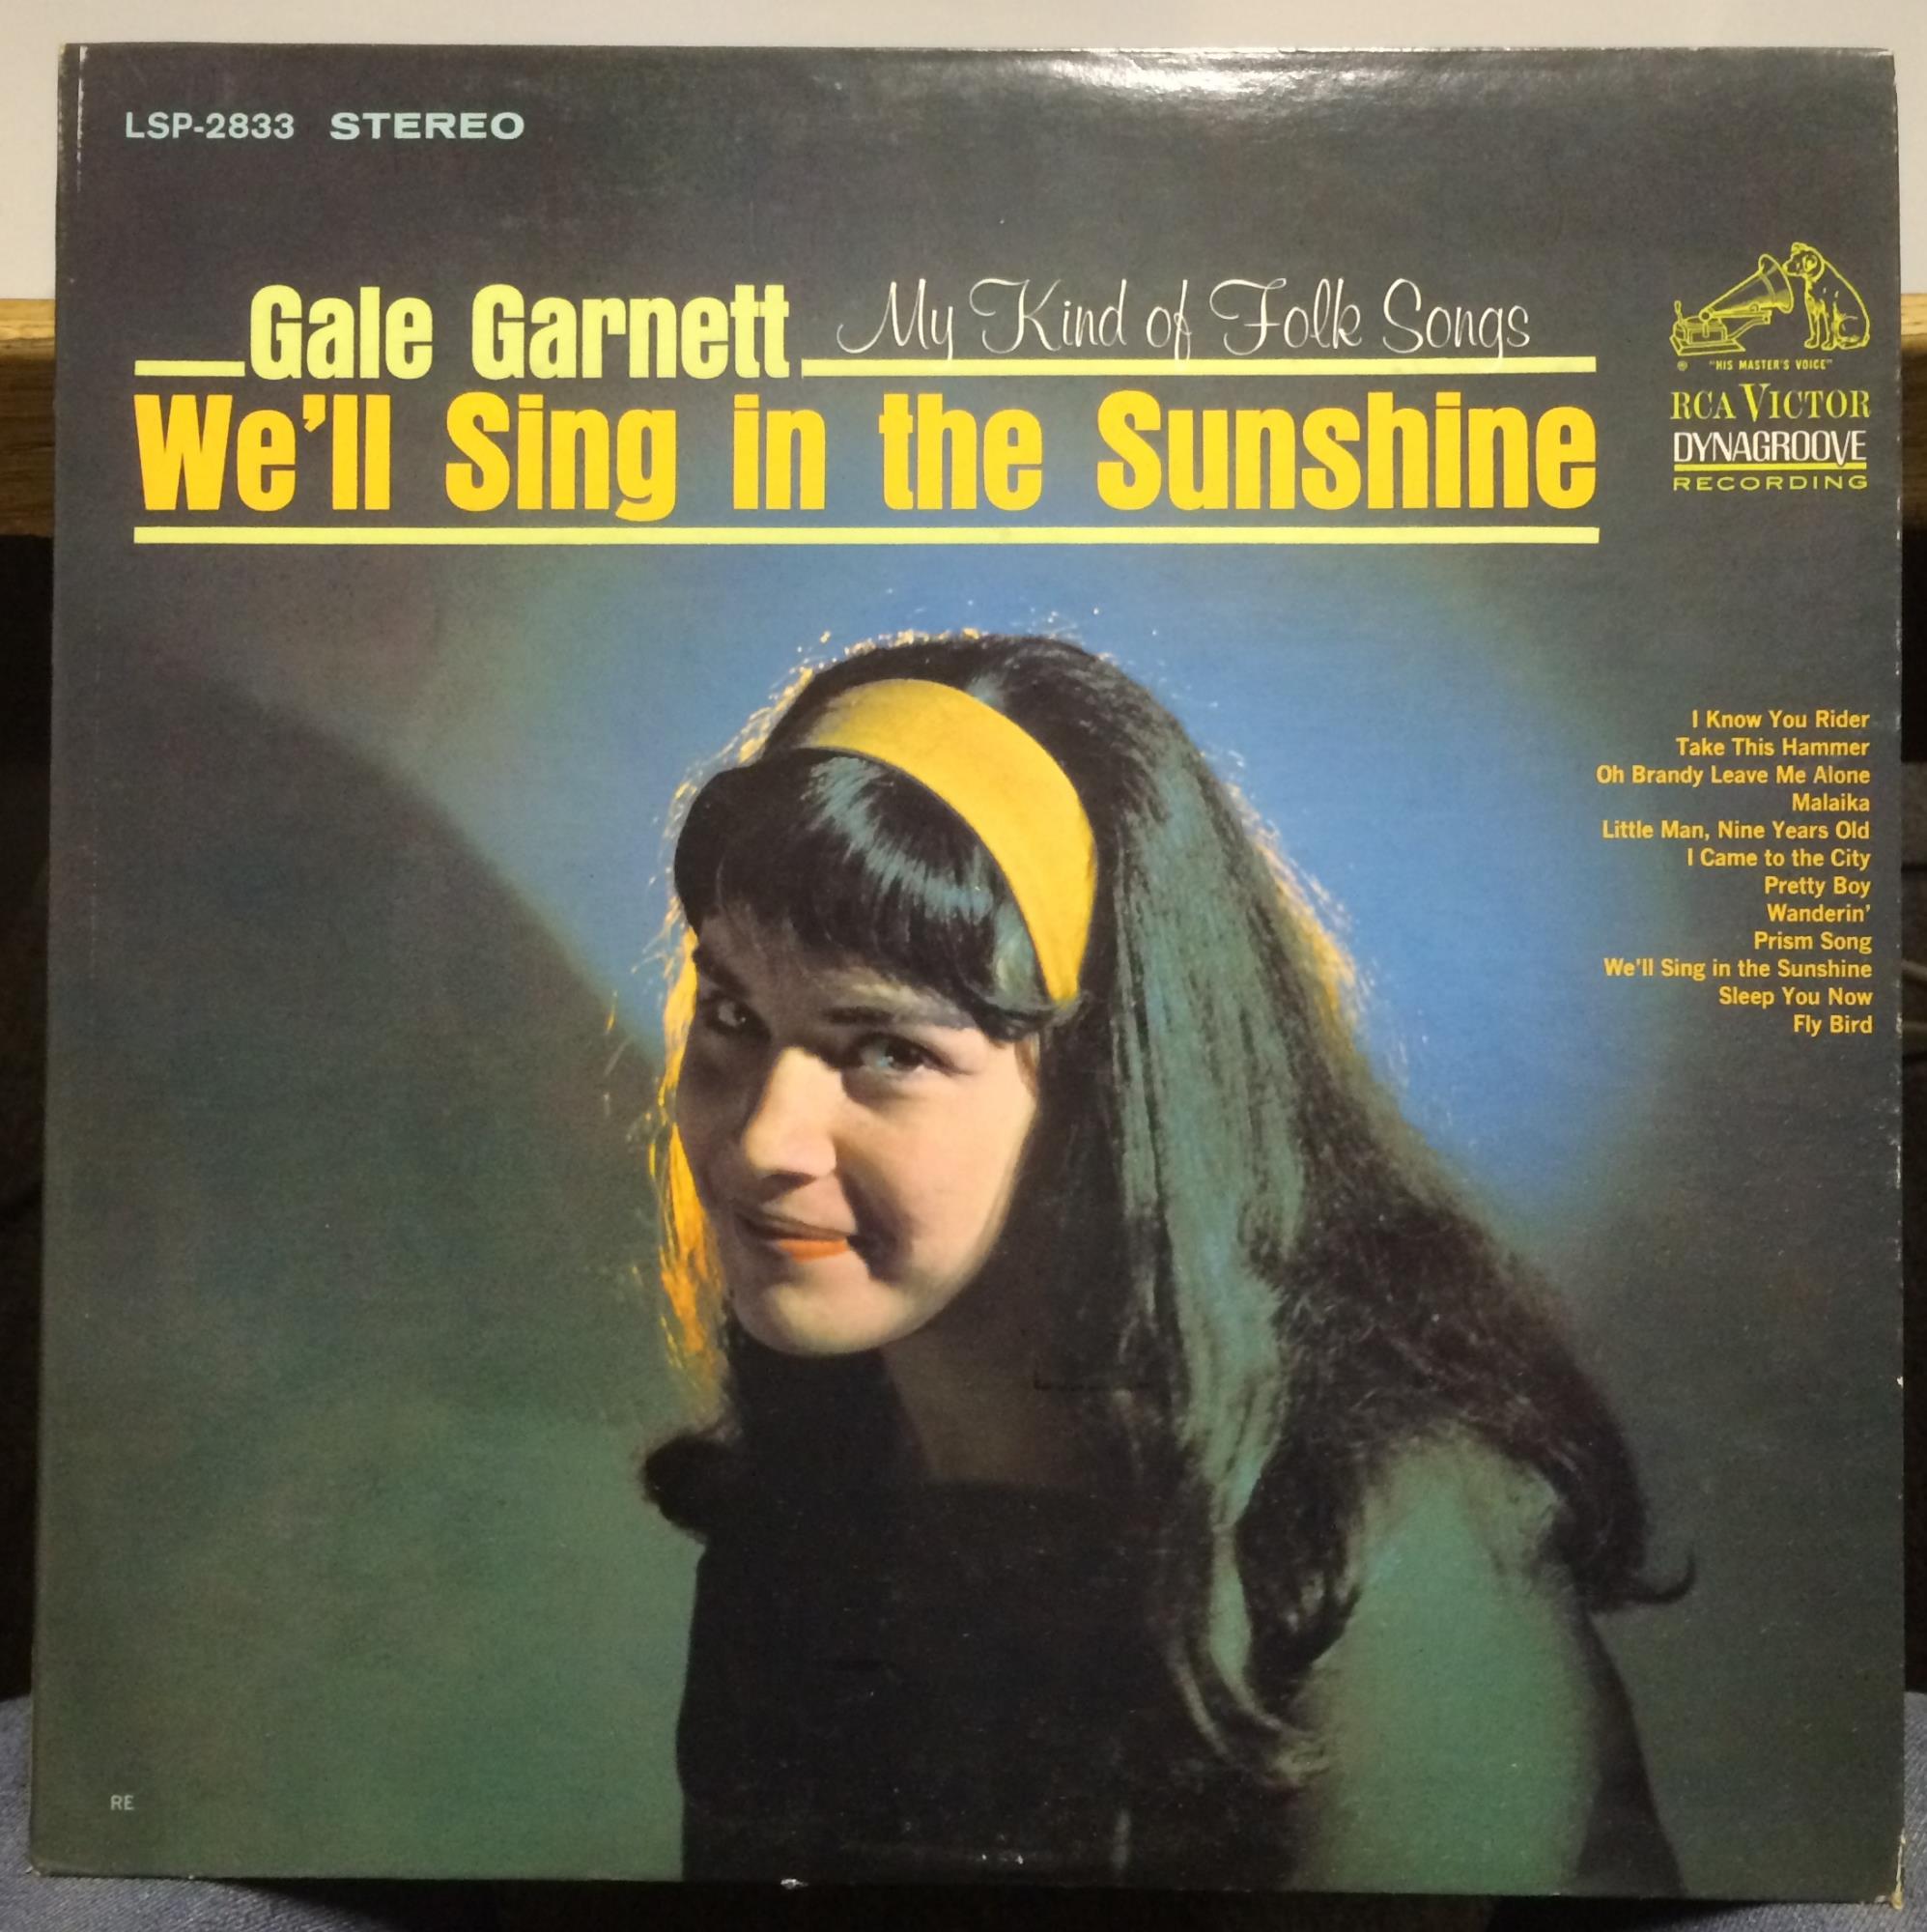 Gale Garnett My Kind Of Folk Songs Lp Vg Lsp 2833 Stereo